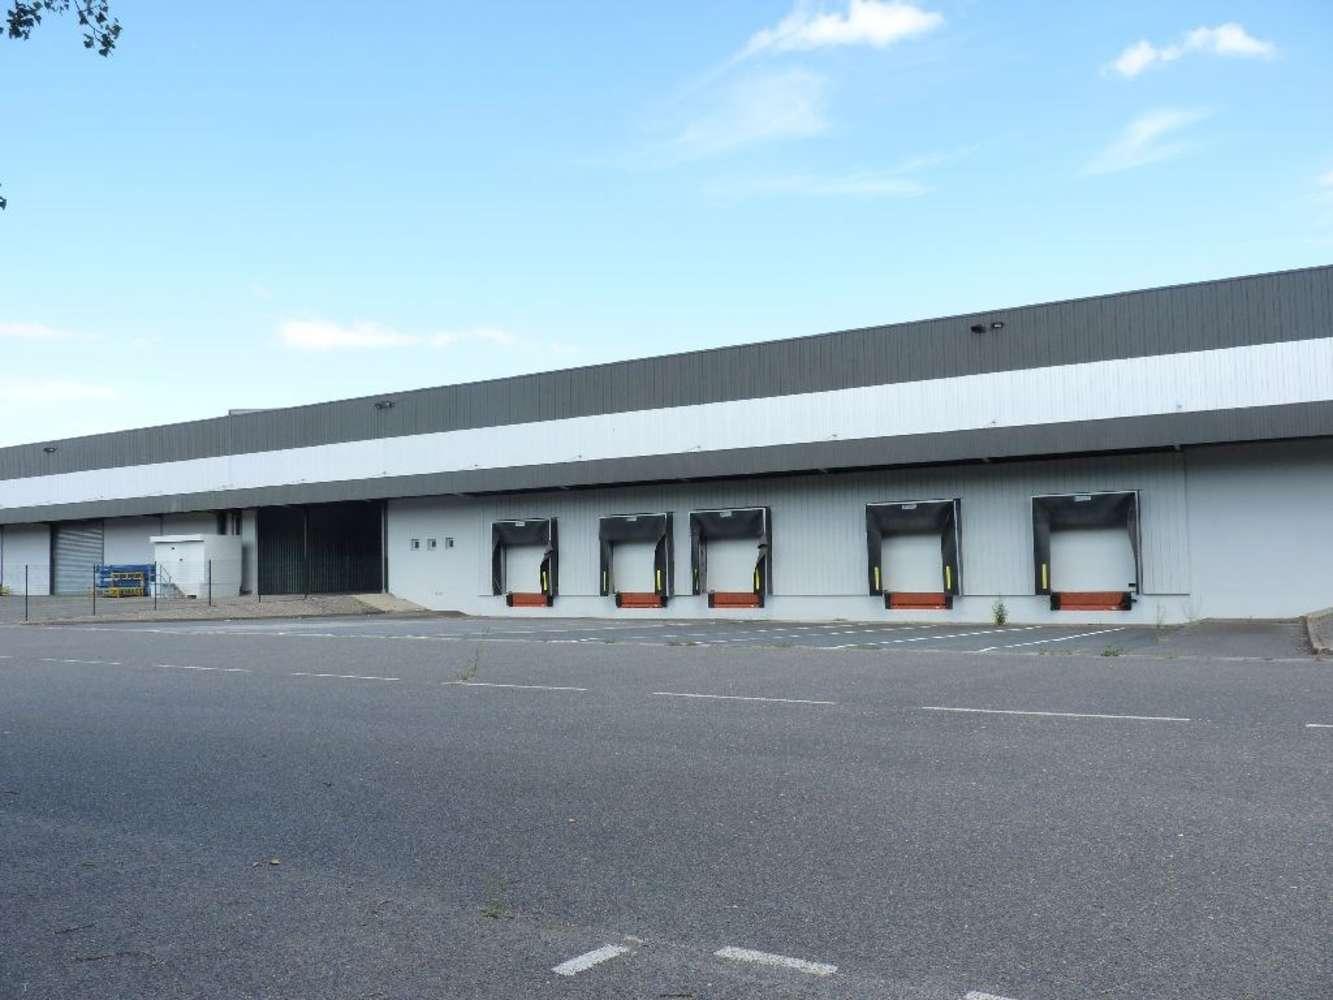 Activités/entrepôt Arnas, 69400 - Location entrepôt Lyon - Transporteur - 9920246